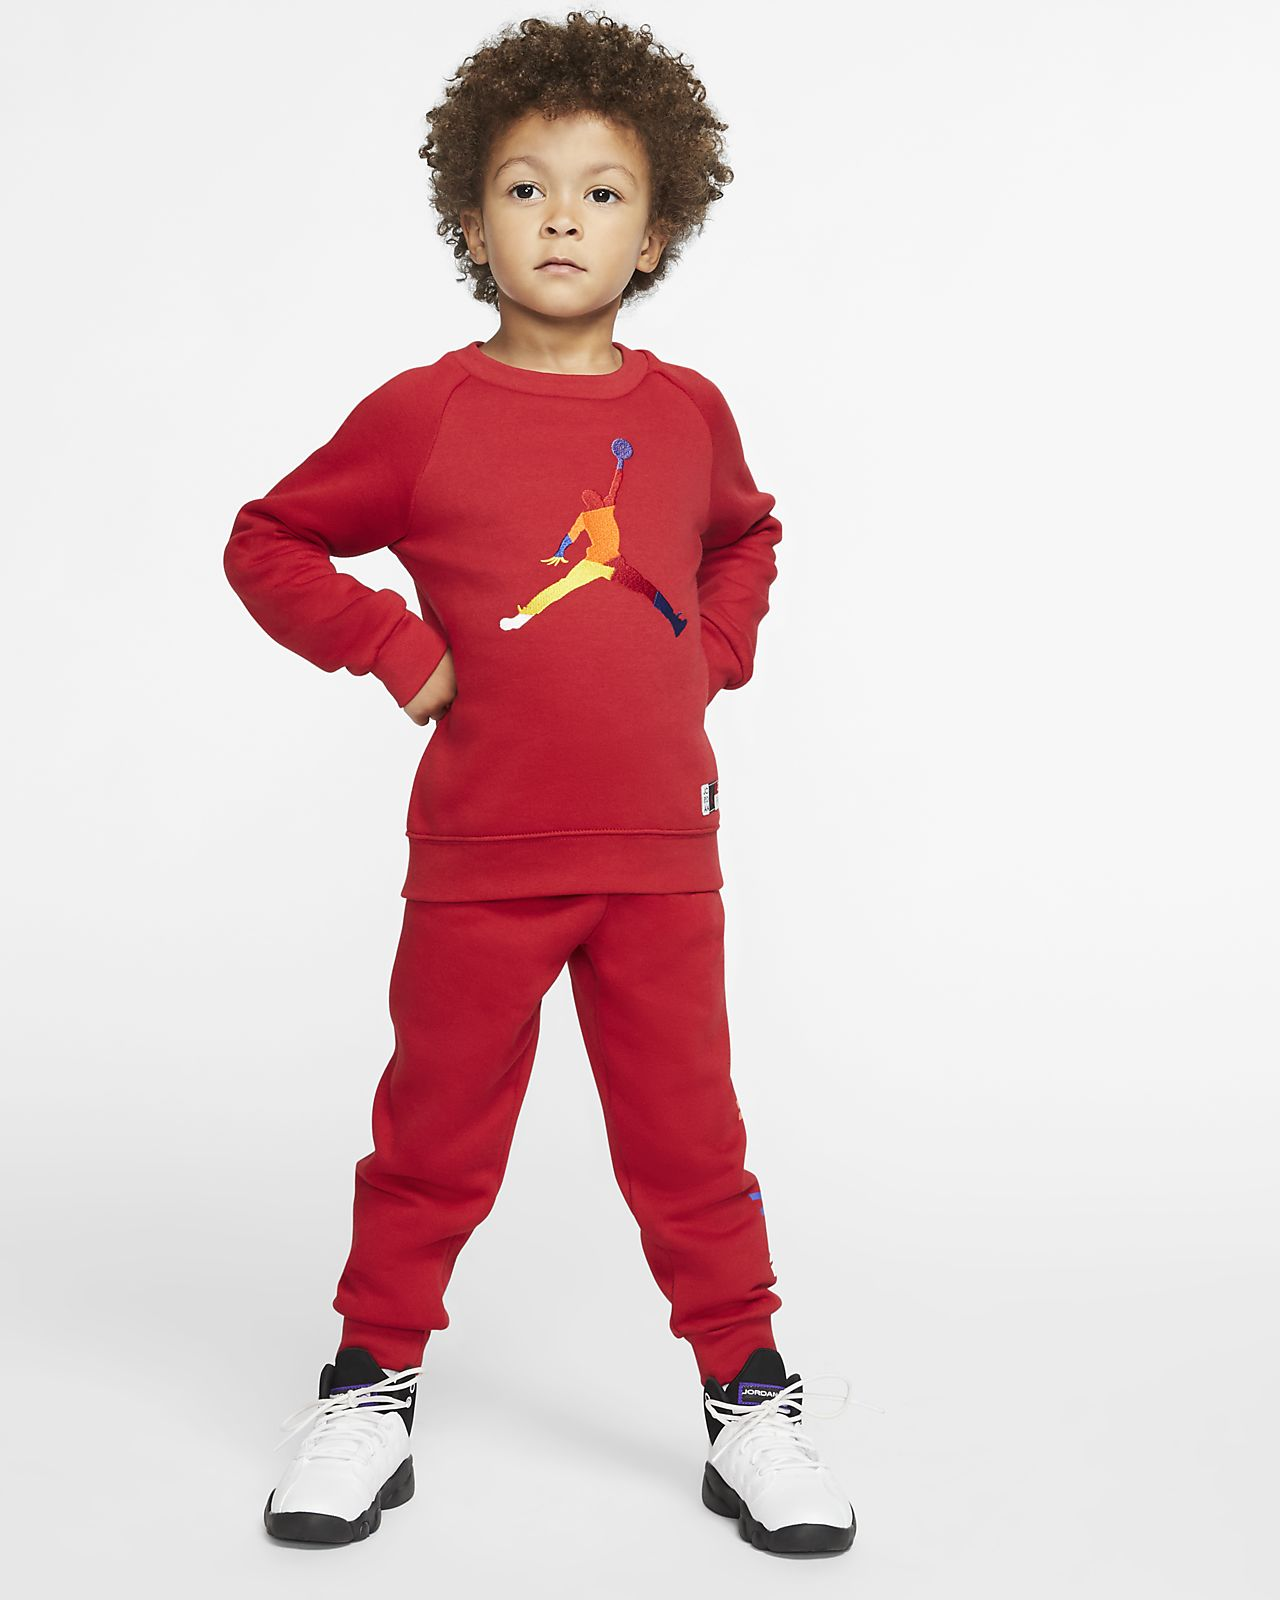 Μπλούζα και παντελόνι φόρμας Jordan Jumpman για νήπια (σετ 2 τεμαχίων)